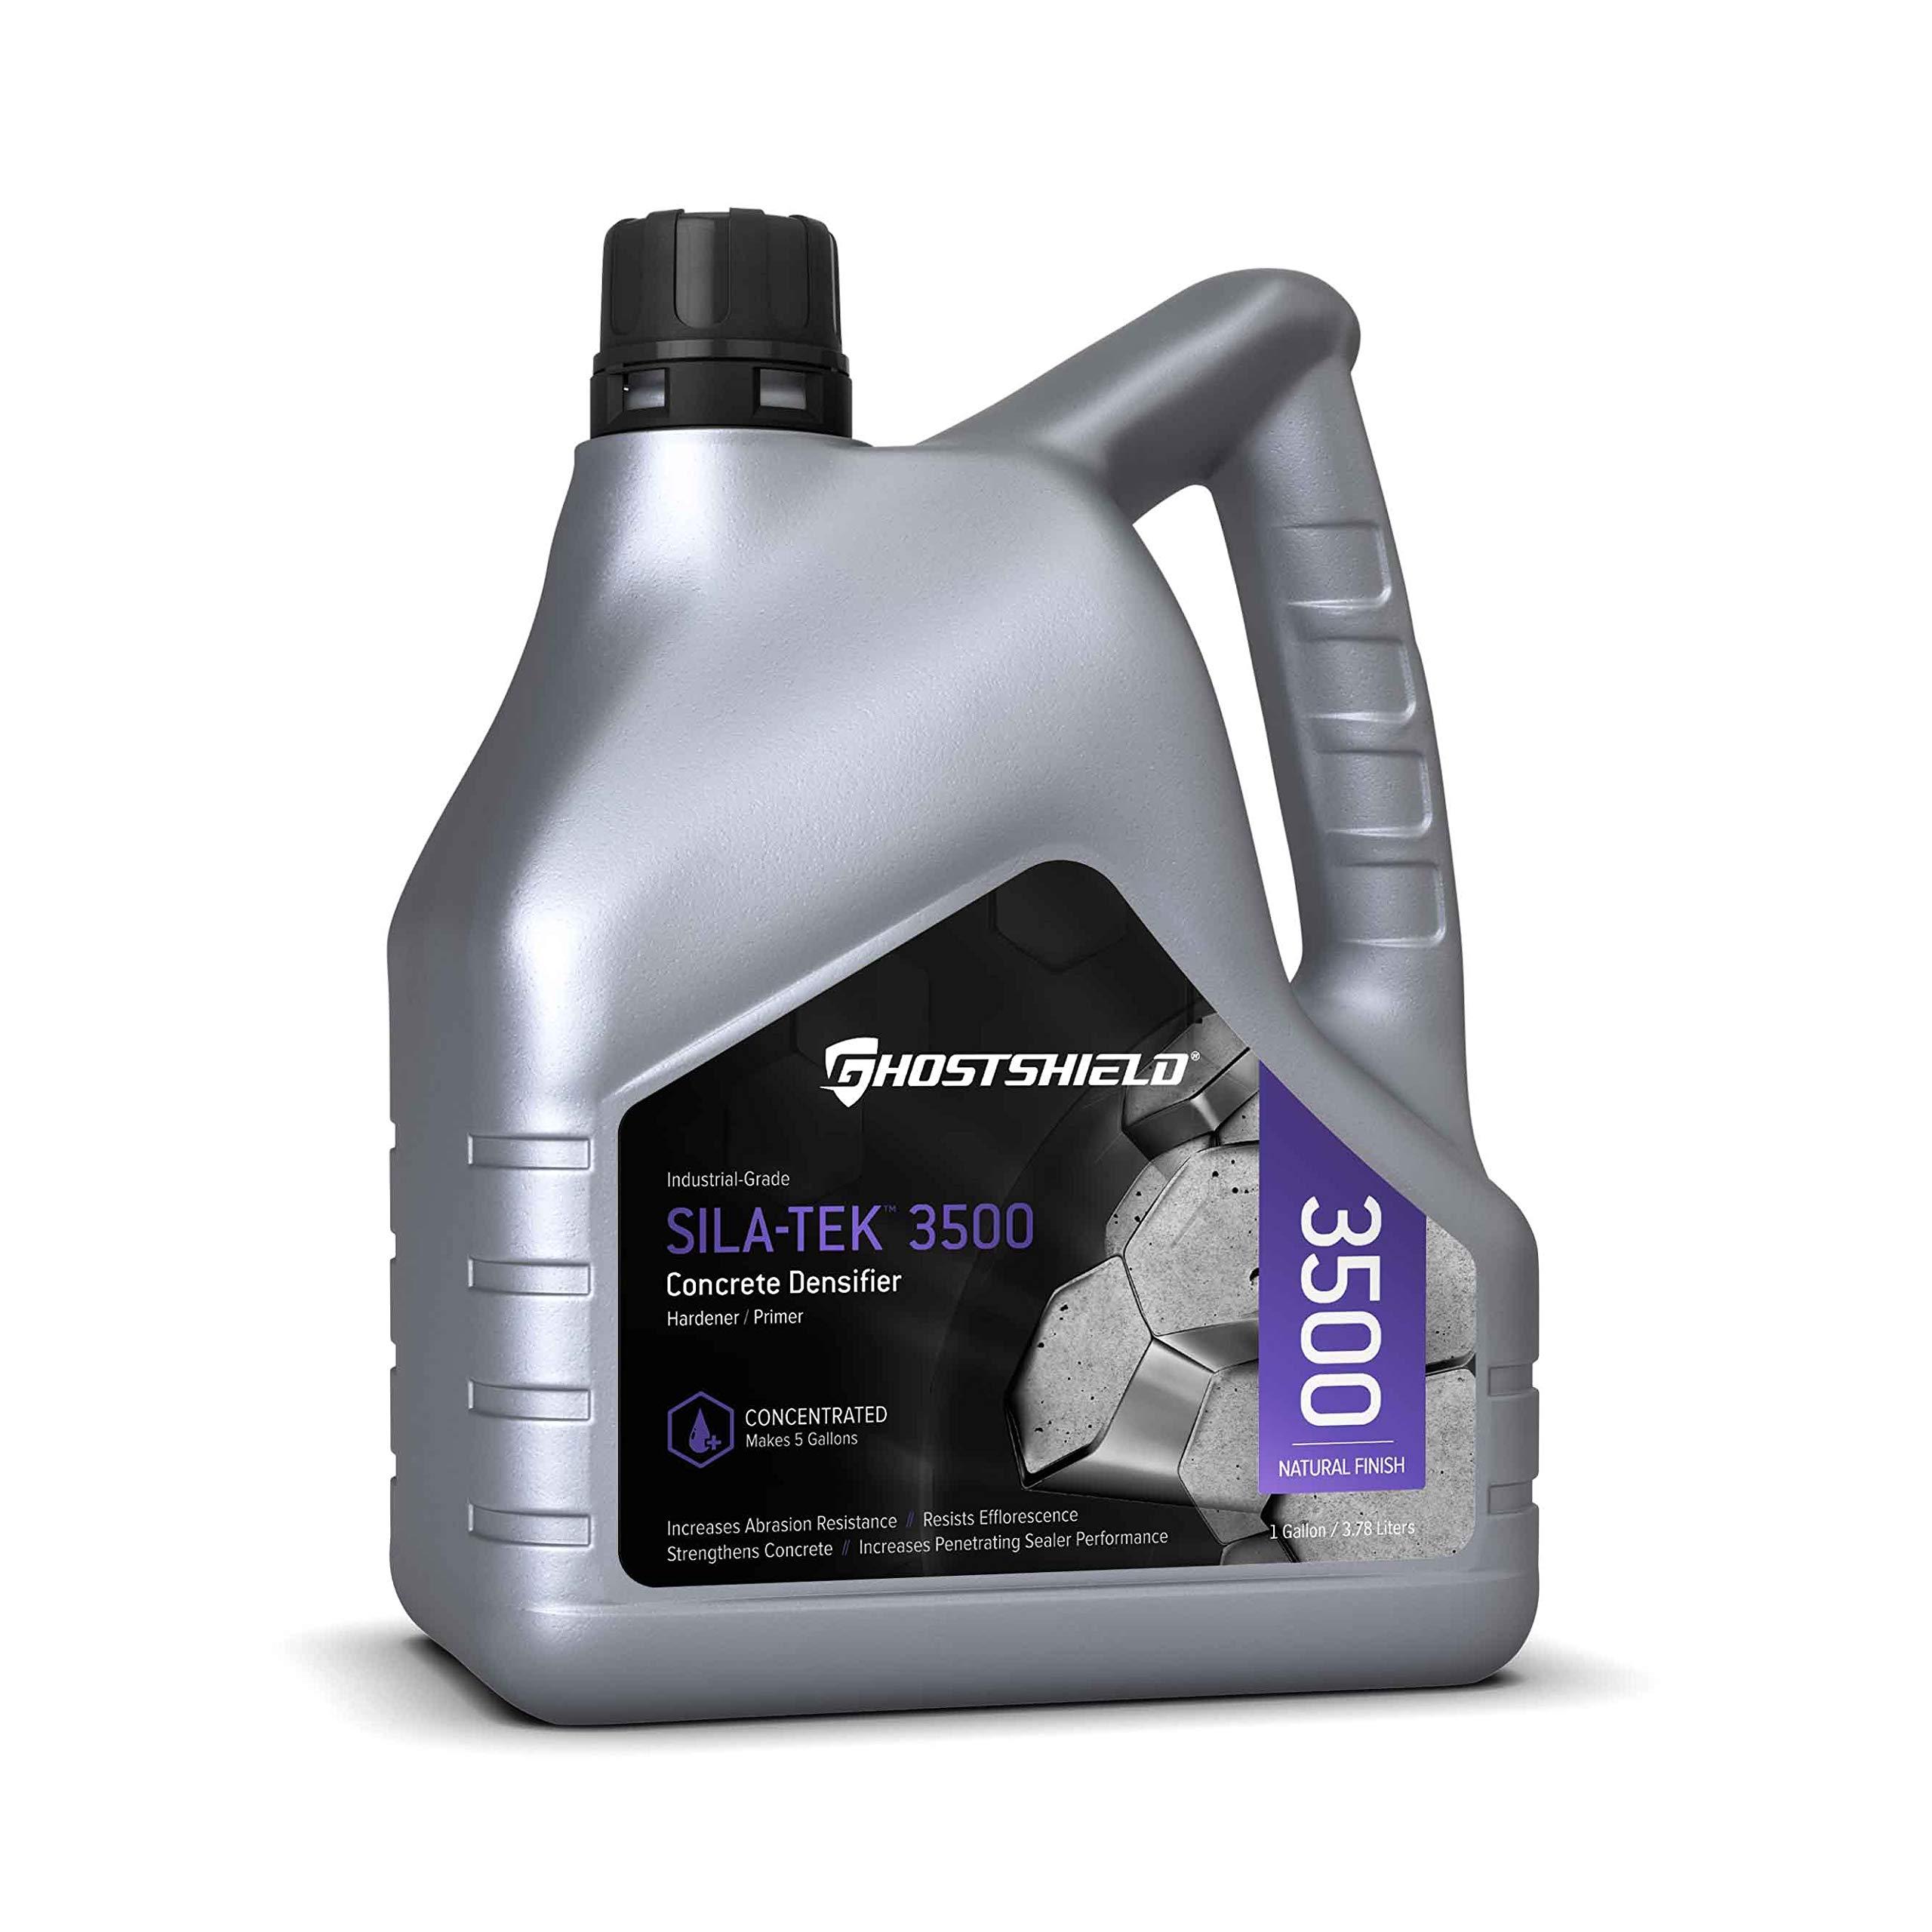 Sila-Tek 3500-1 Gallon Penetrating Concrete Densifier & Hardener